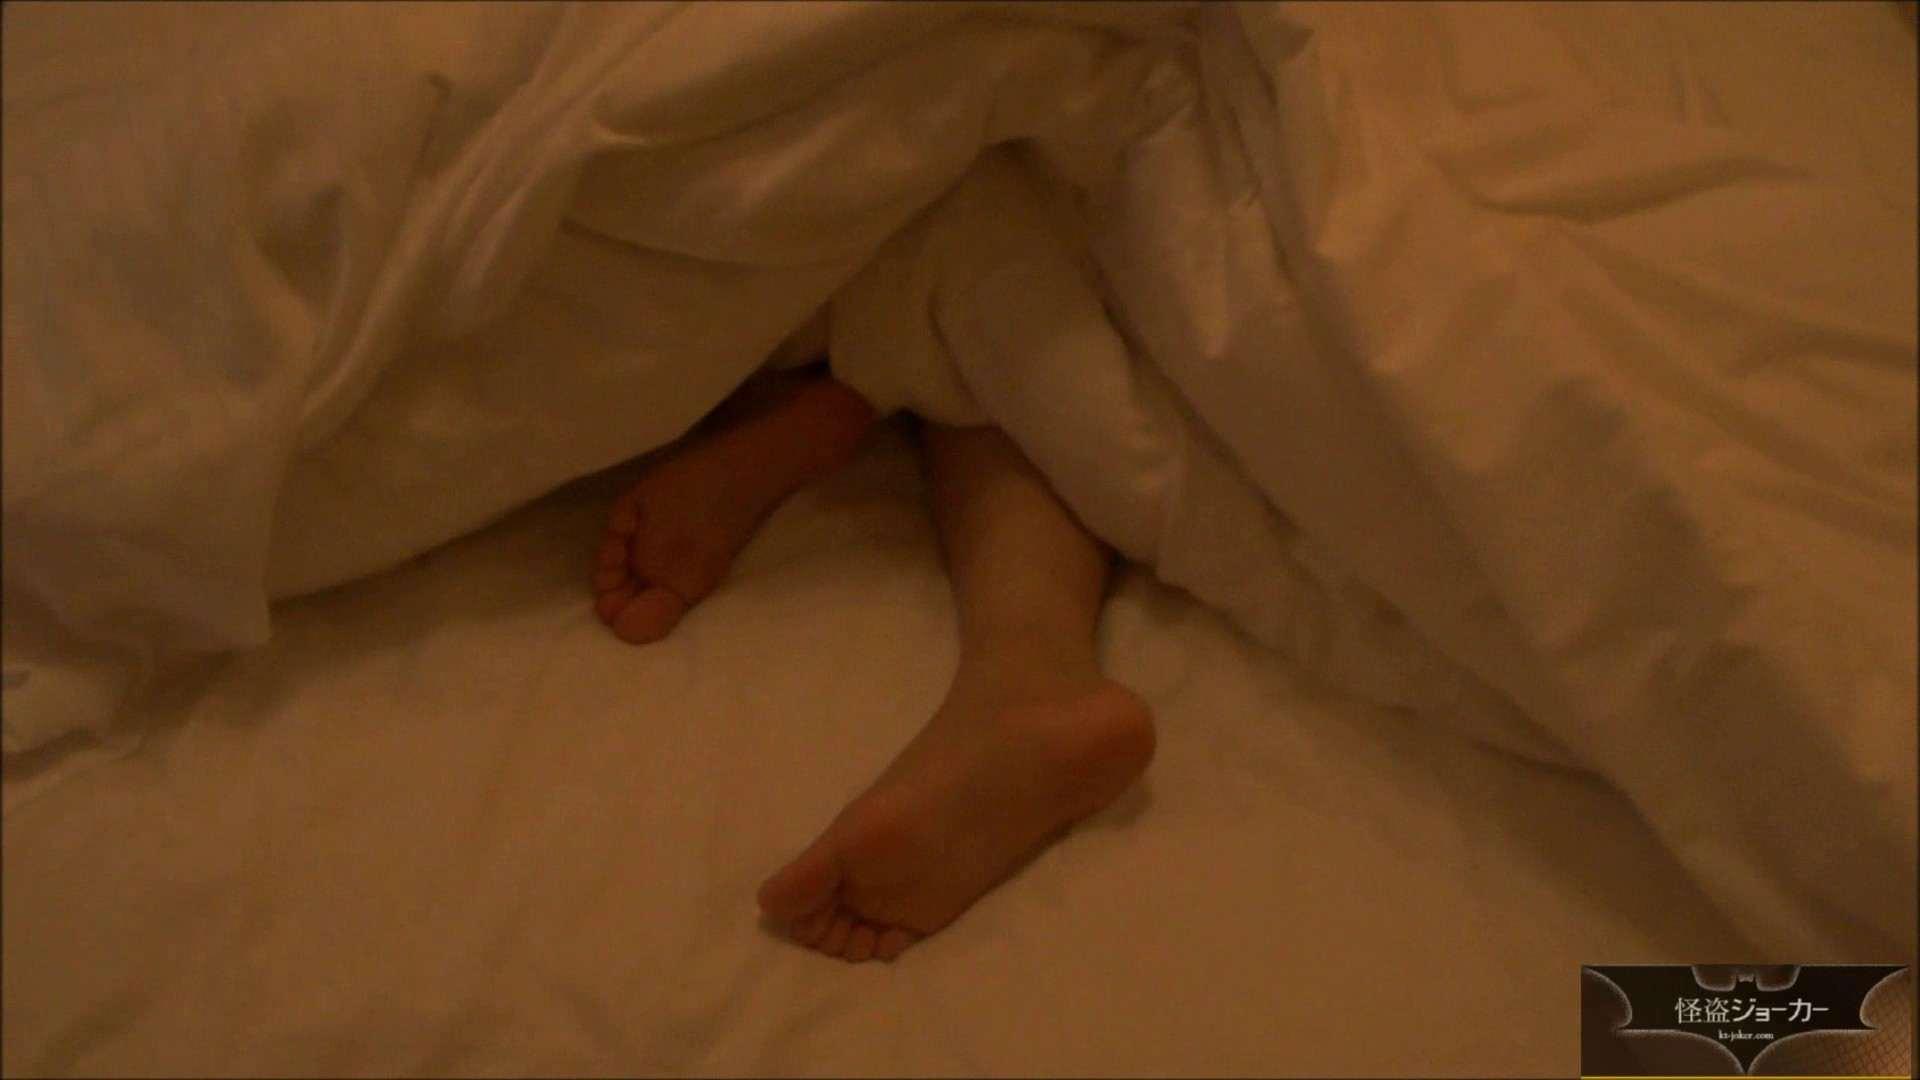 【未公開】vol.15 若ママ、絵美ちゃん・・・滴る母乳を吸い上げて。 ホテルでエッチ   OLの実態  76pic 4